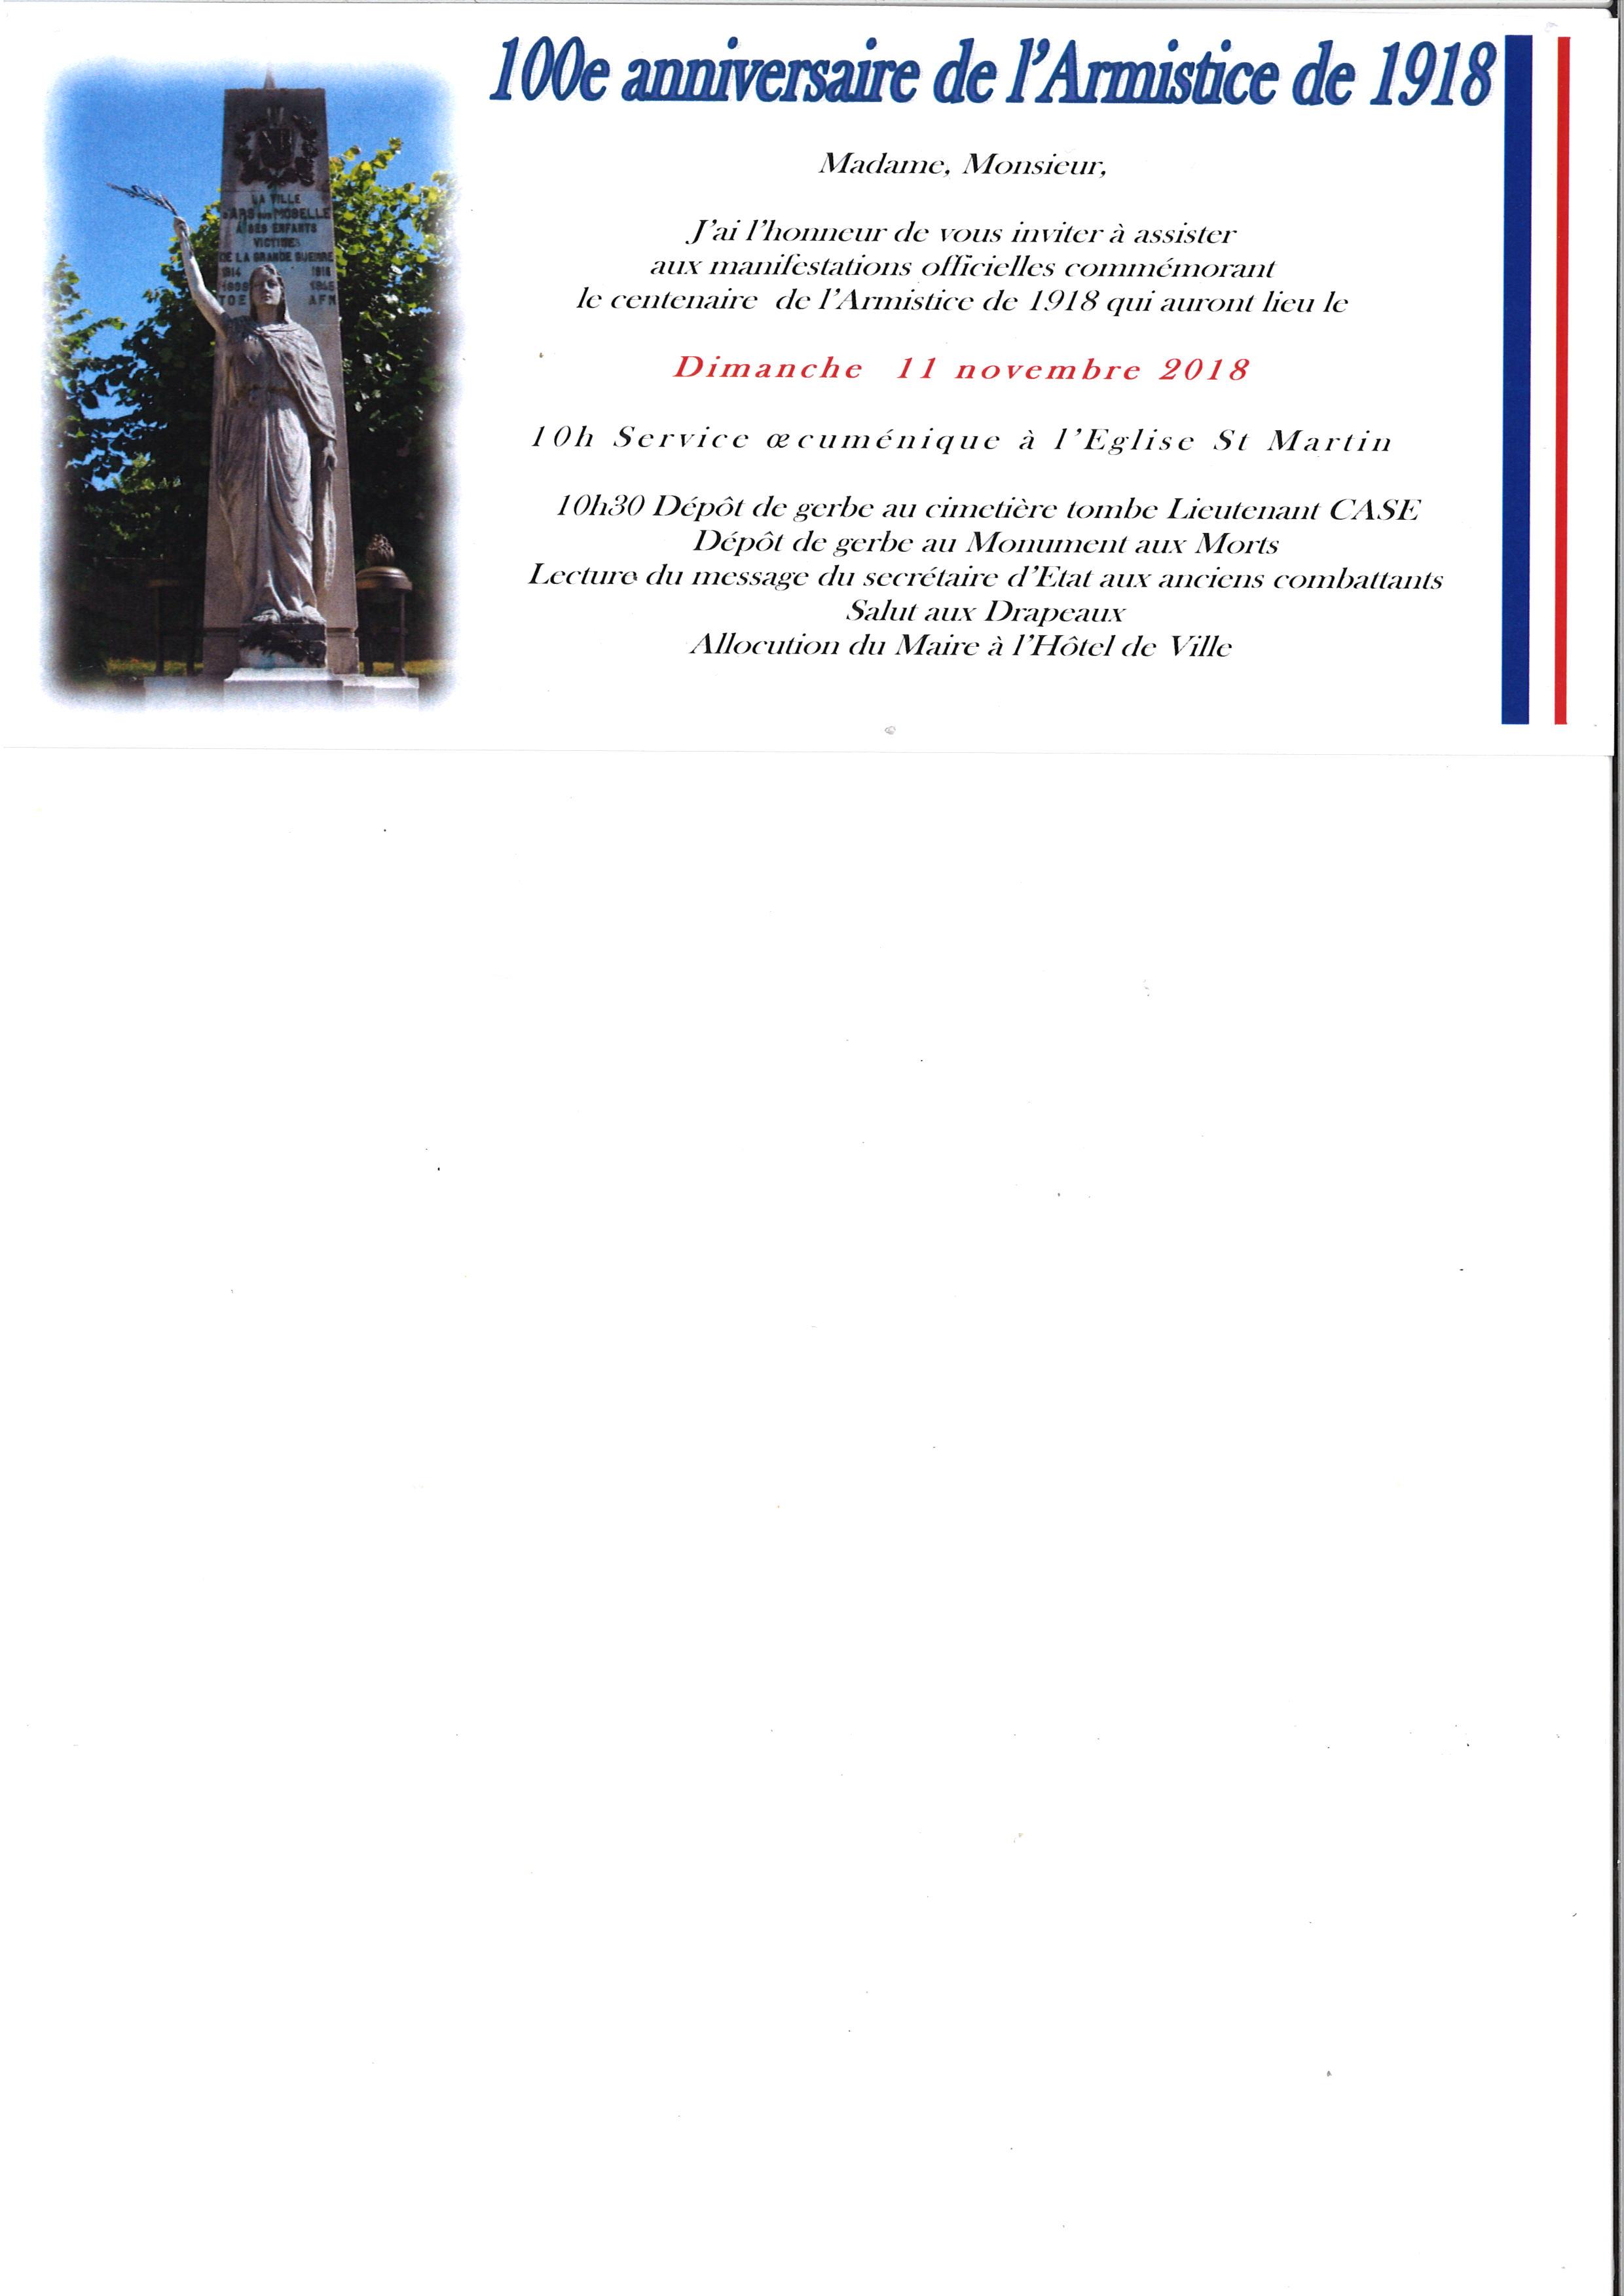 CENTENAIRE DE L'ARMISTICE DE 1918 dimanche 11 novembre